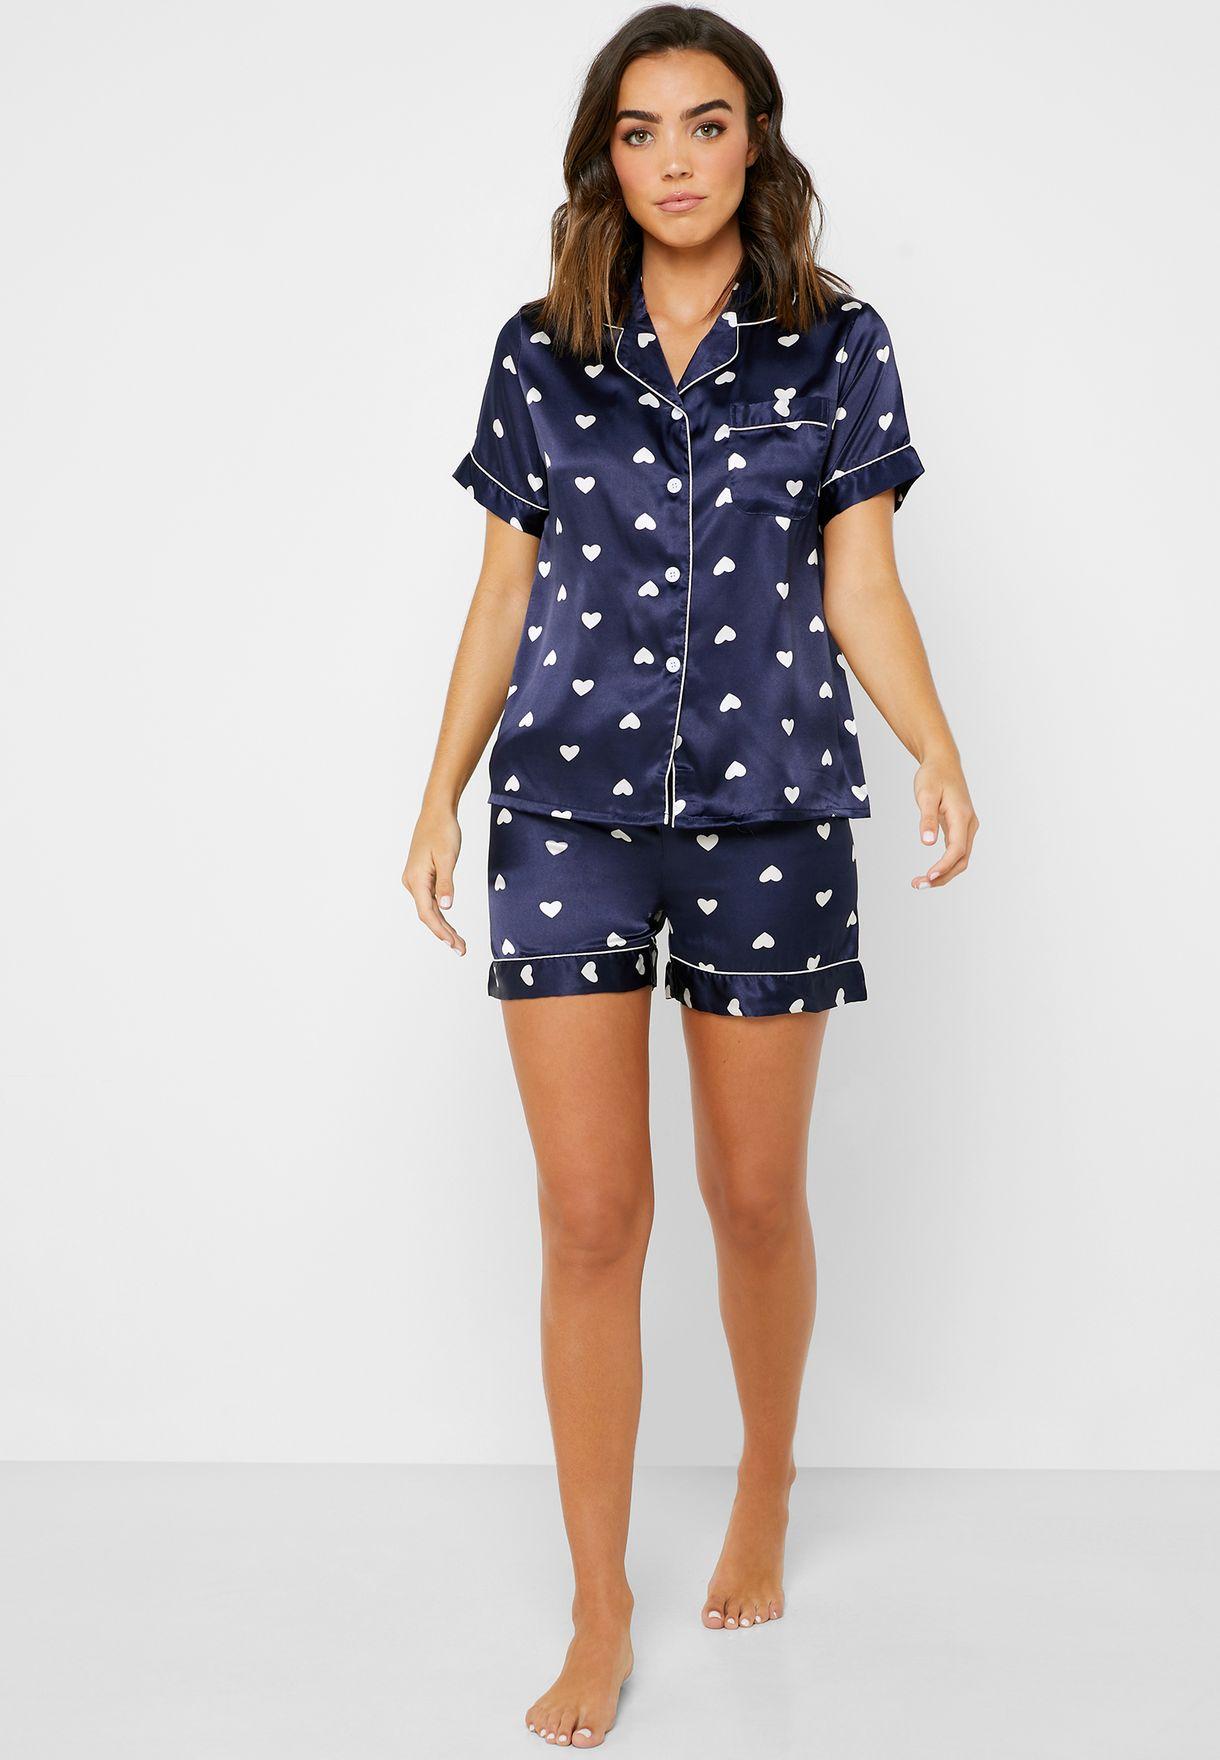 Heart Print Shirt Short Pyjama Set